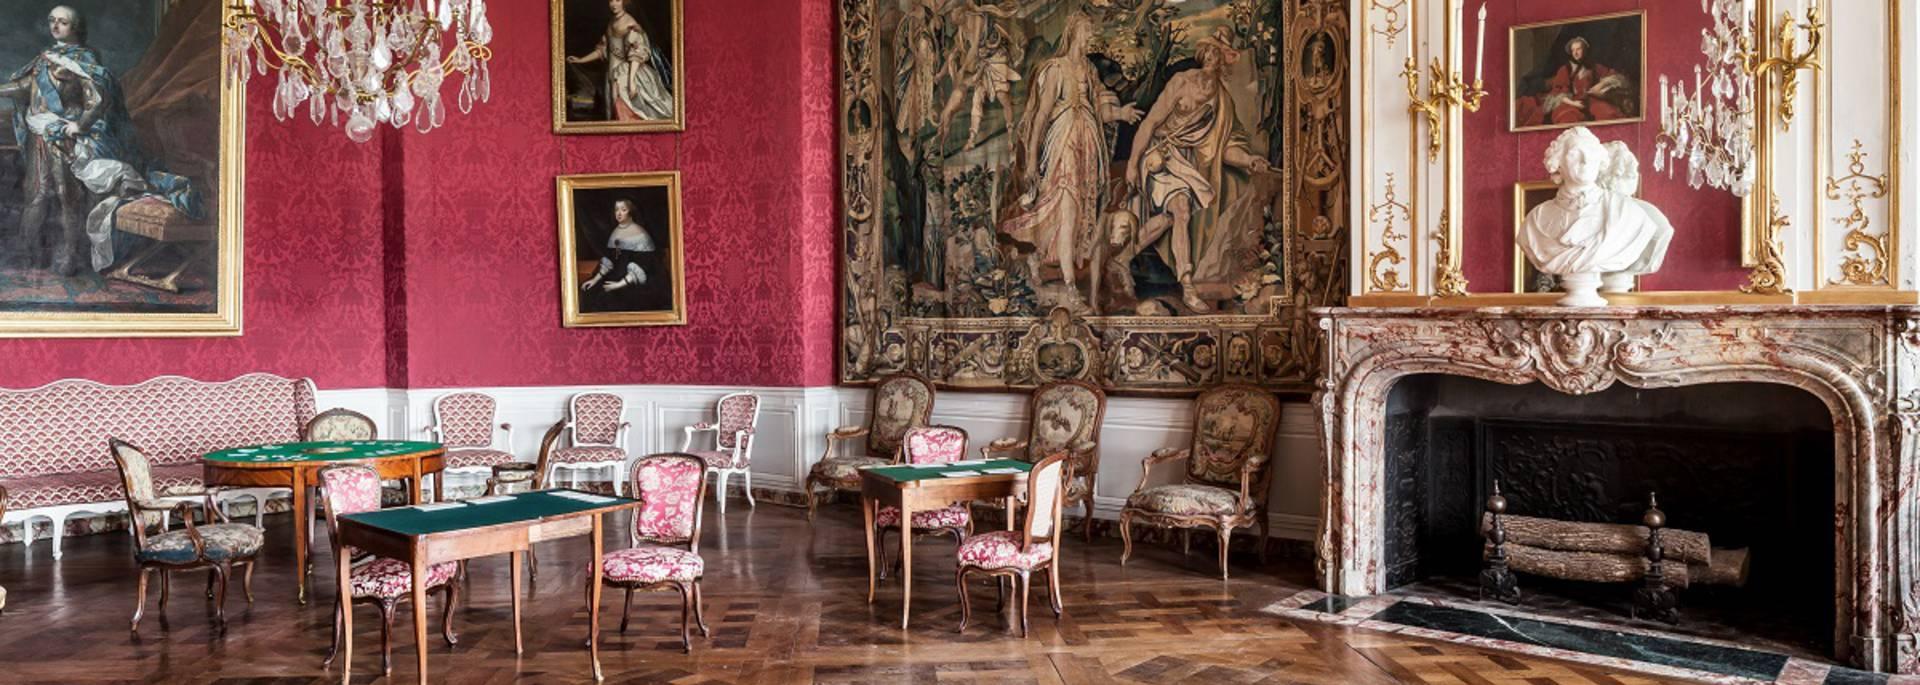 Intérieur du château de Chambord